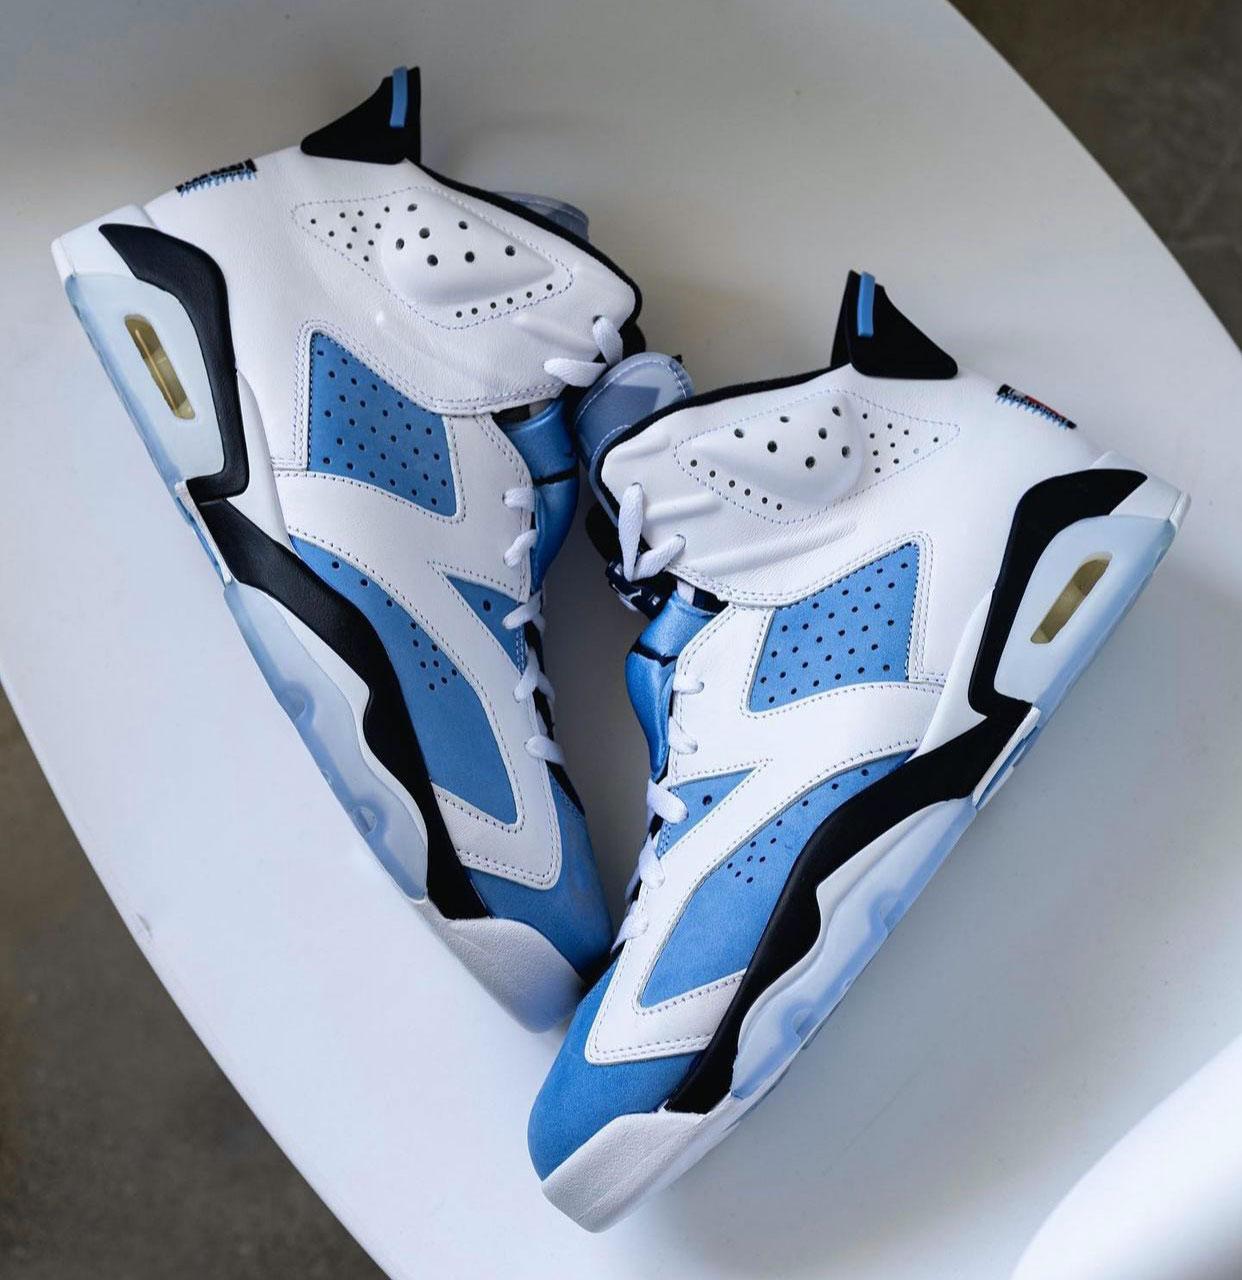 大学蓝, zsneakerheadz, NIKE, Jordan, Air Jordan 6, Air Jordan